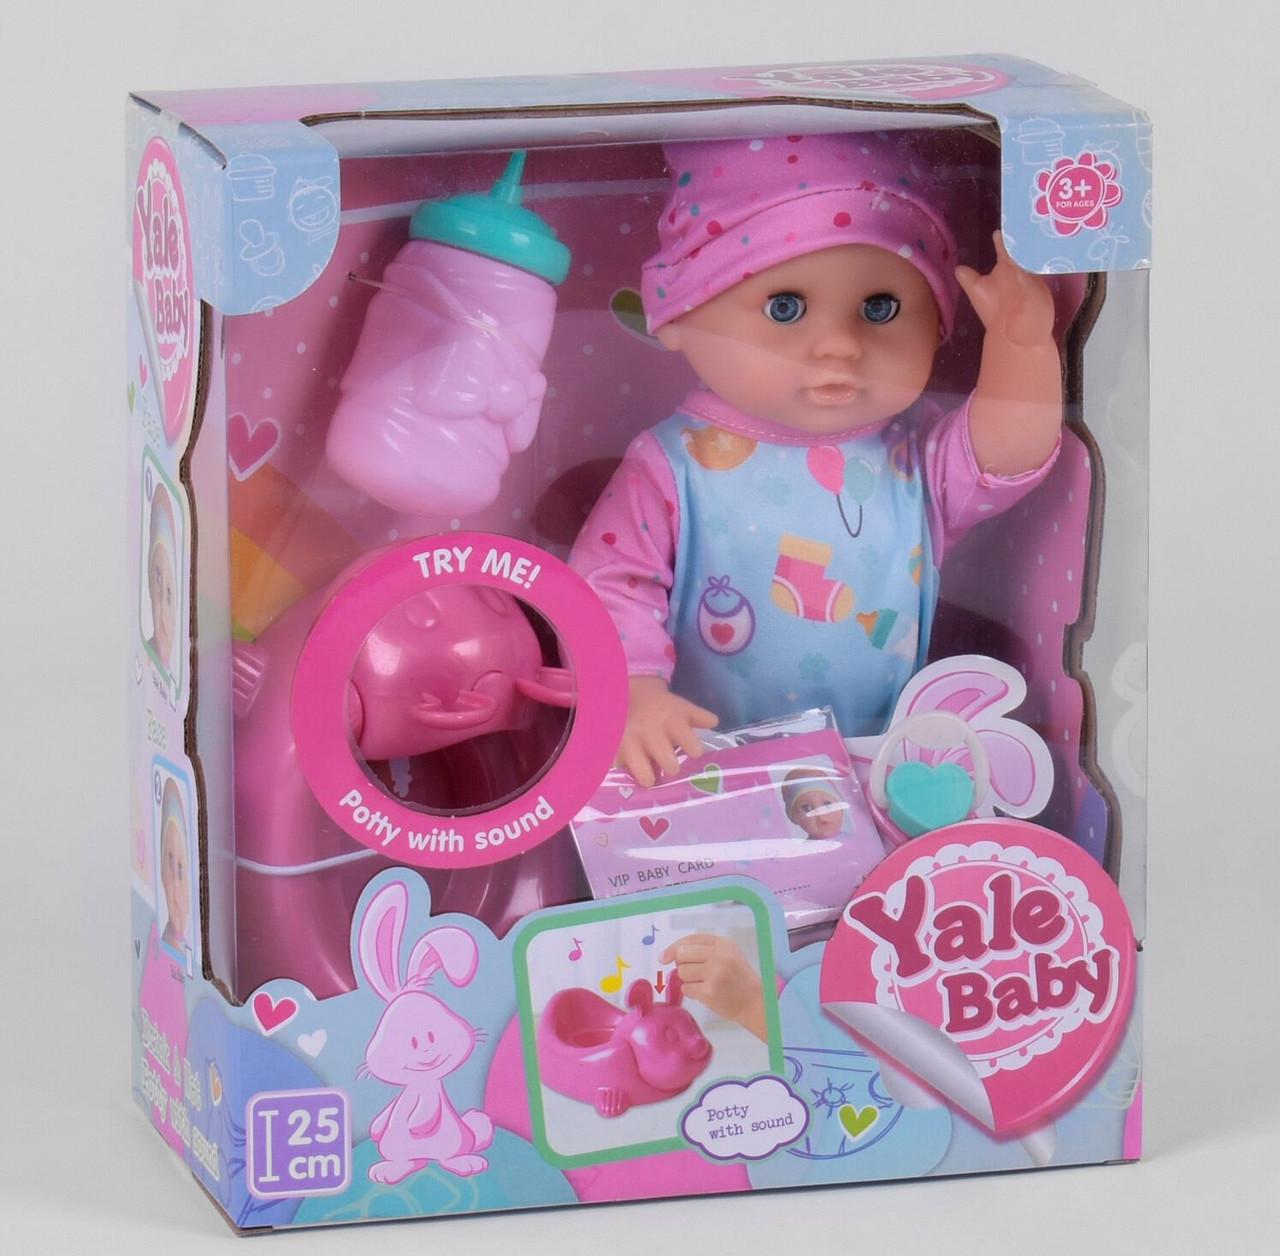 Пупс функціональний, лялька в коробці з аксесуарами по догляду YL 1918 B їсть, ходить в туалет (висота 25 см)